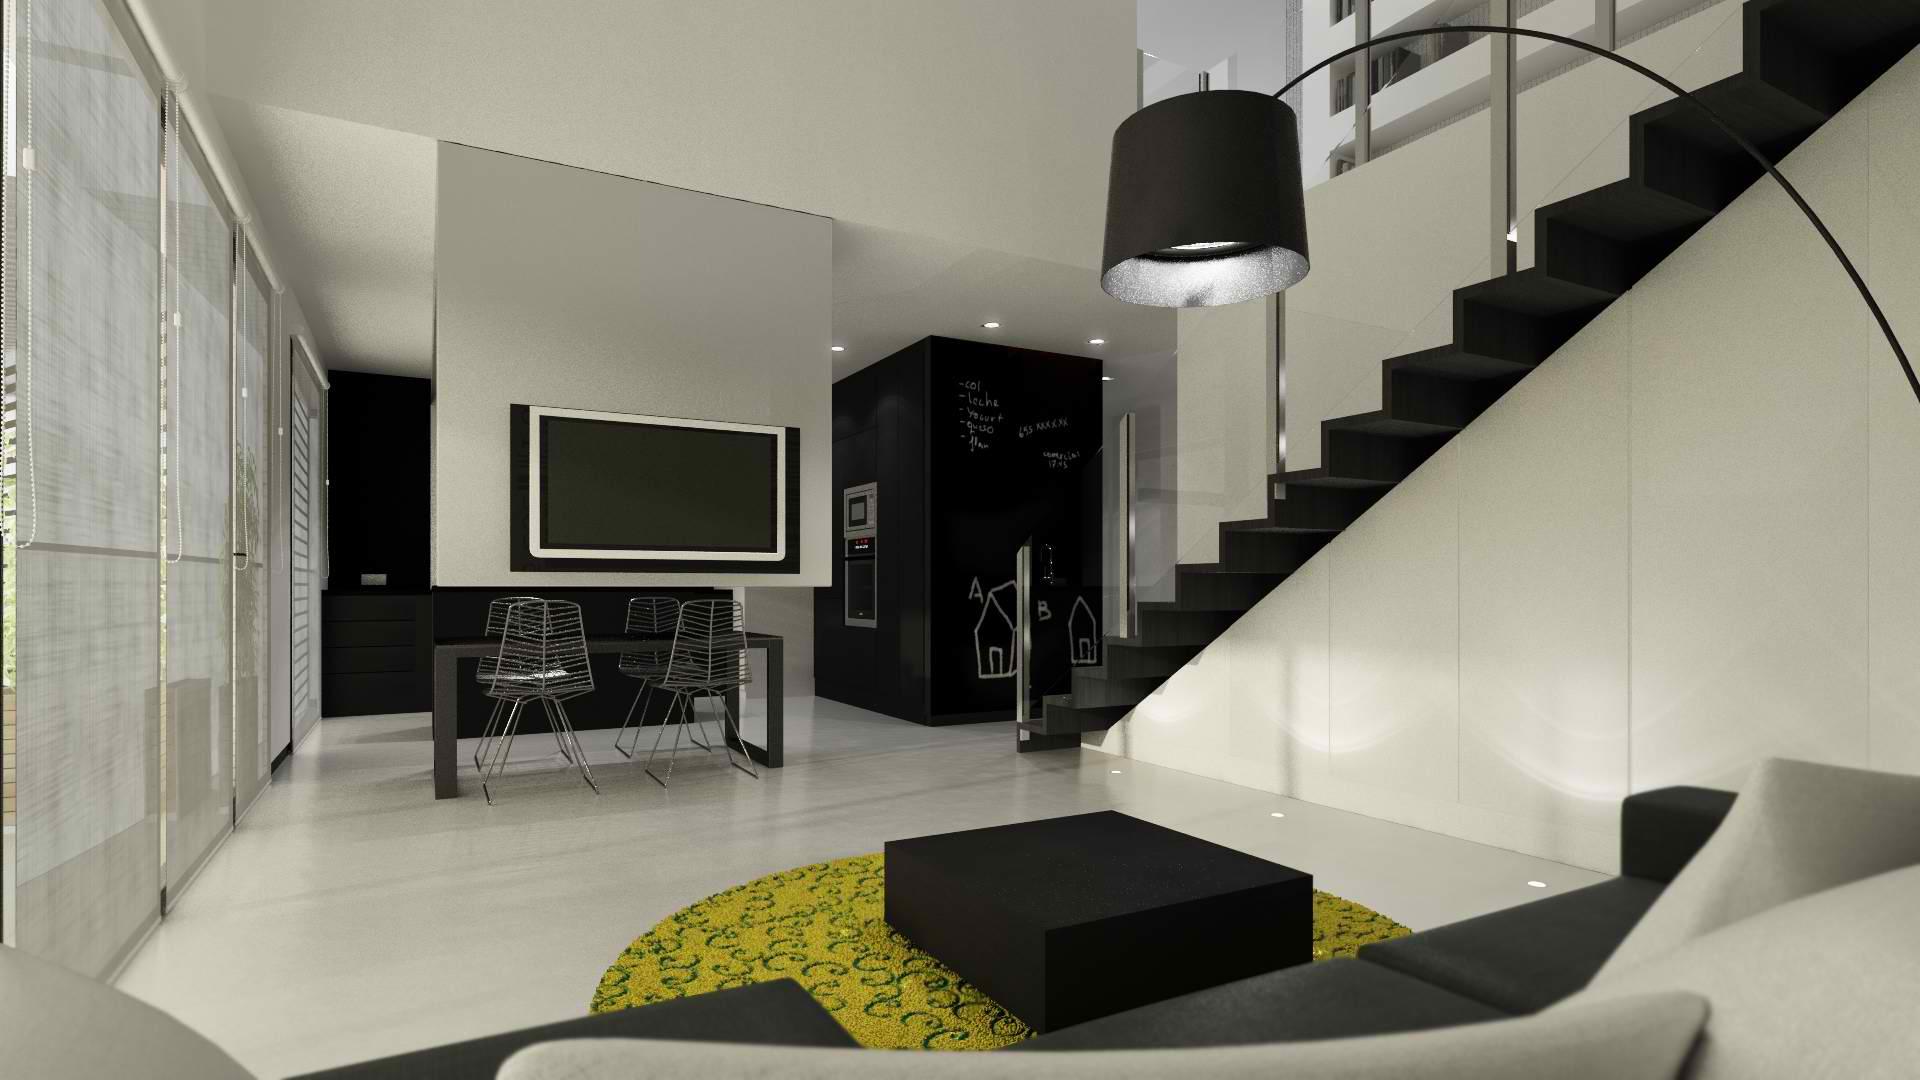 Телевизор в интерьере с лестницей